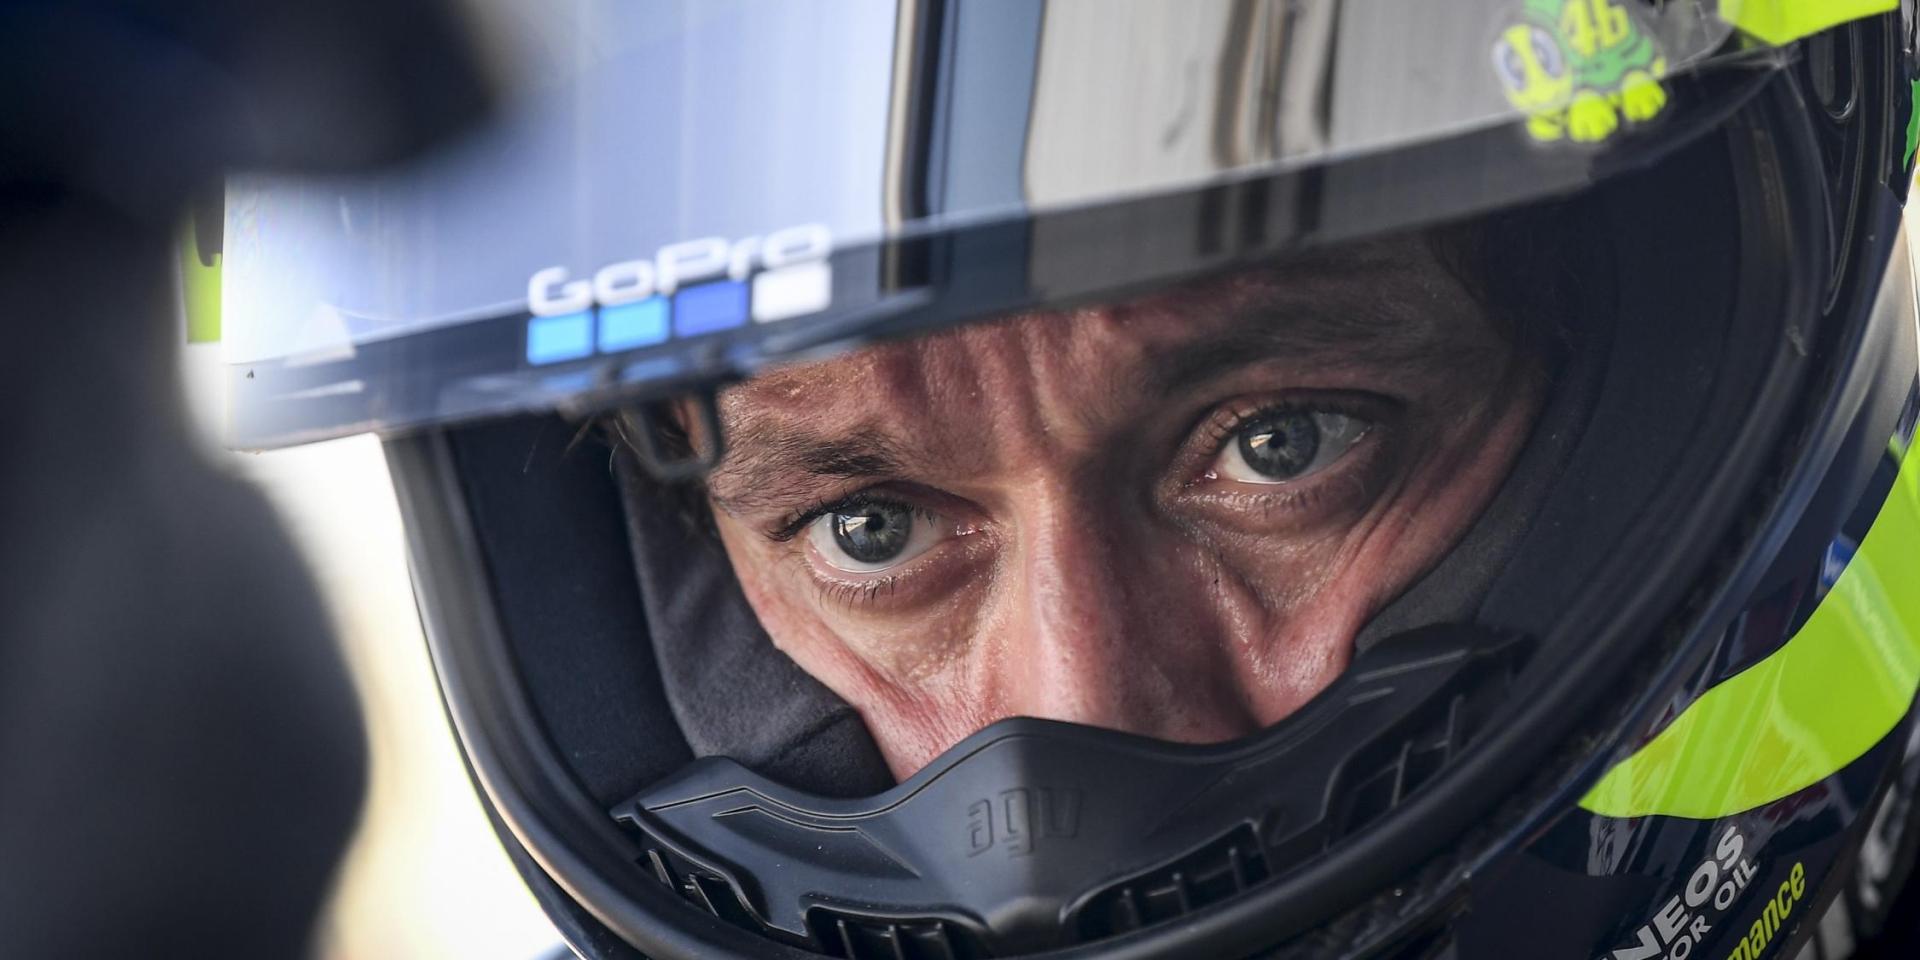 Rossi打算再戰一年?因為今年疫情影響比賽太多!